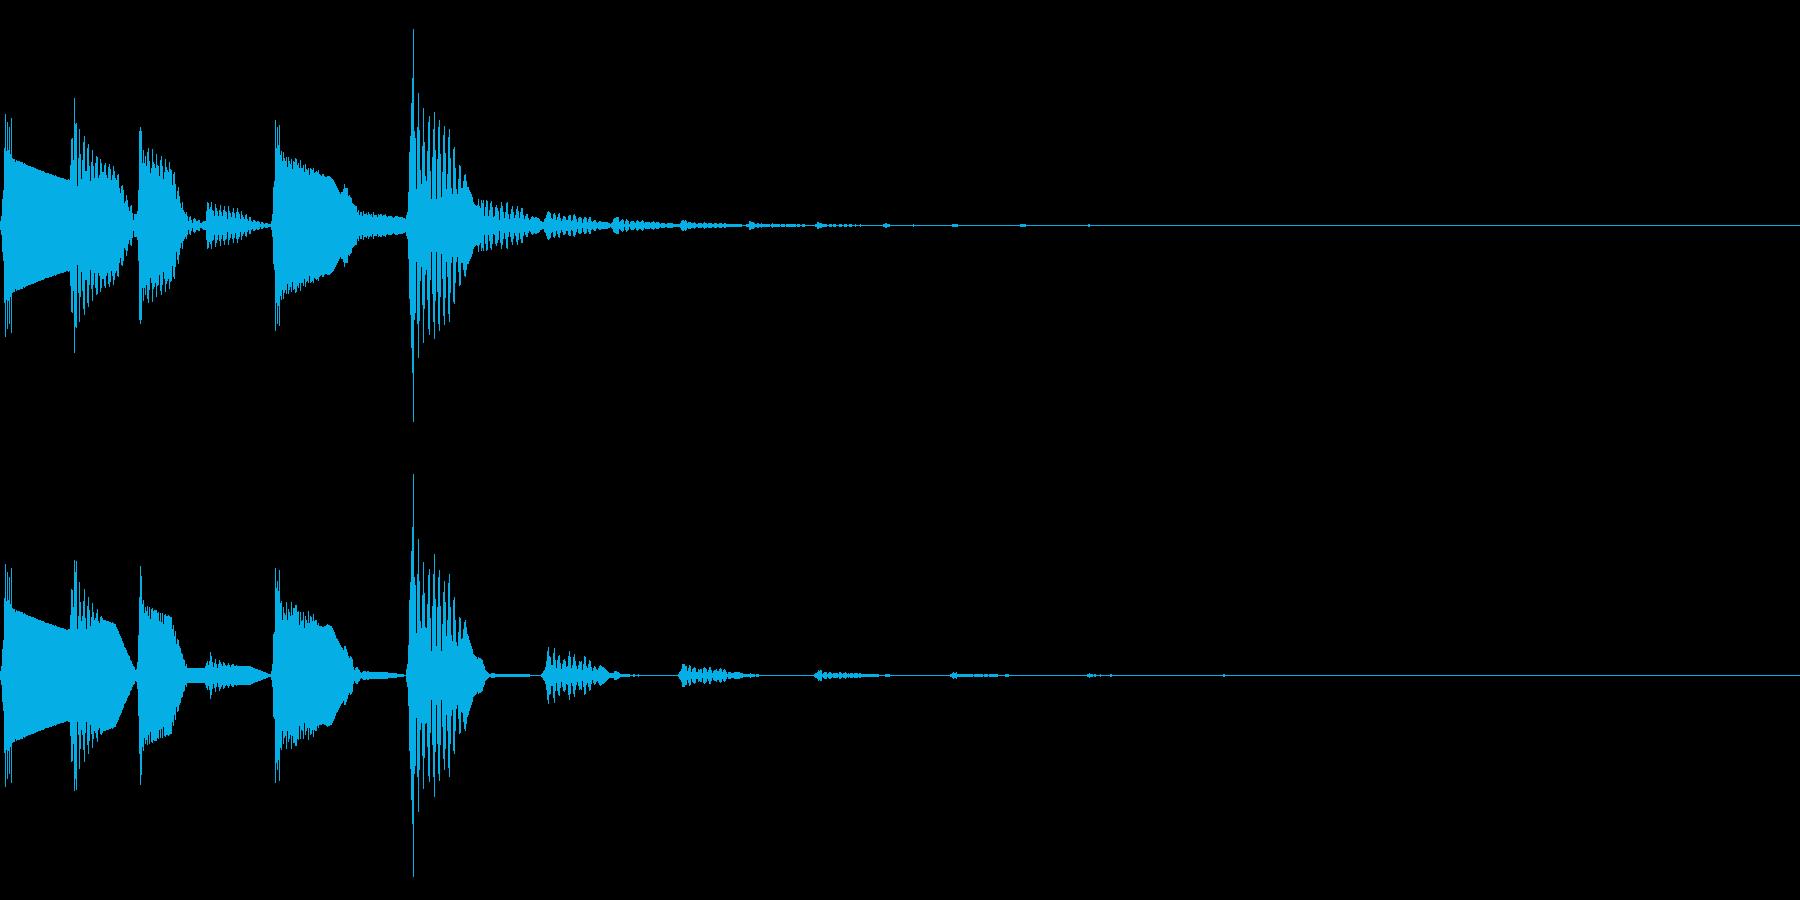 ピコポコ(ファミコンほのぼのアイキャッチの再生済みの波形